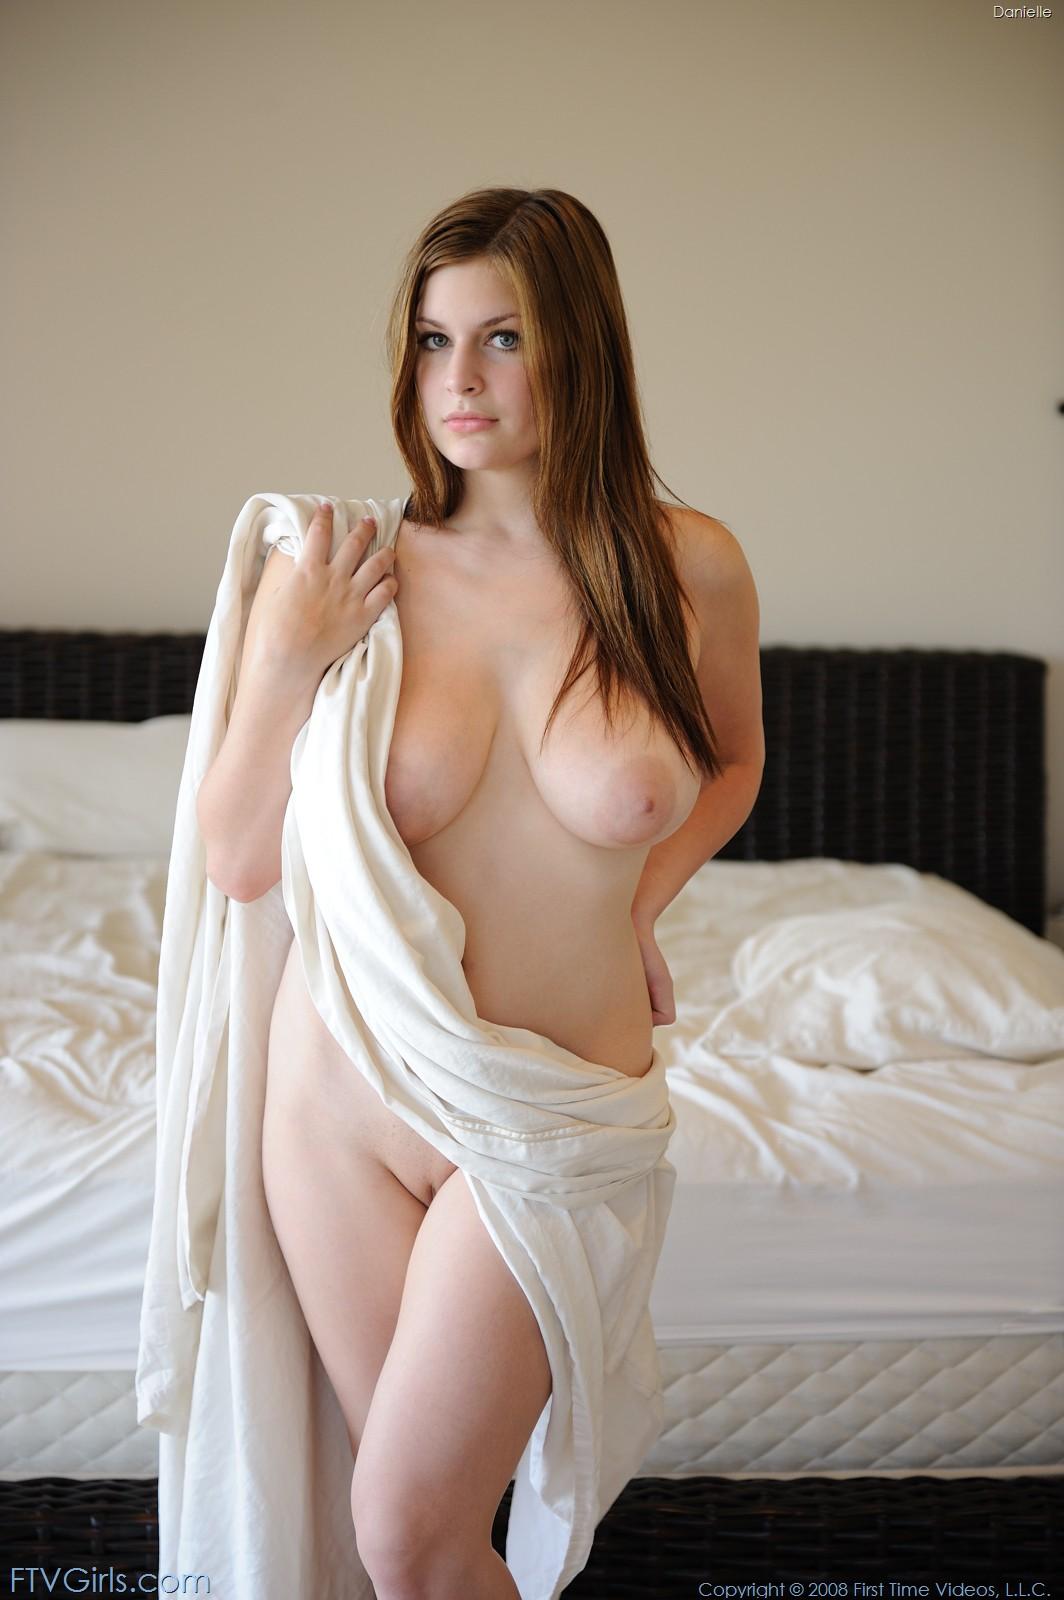 tina jordan nude pics